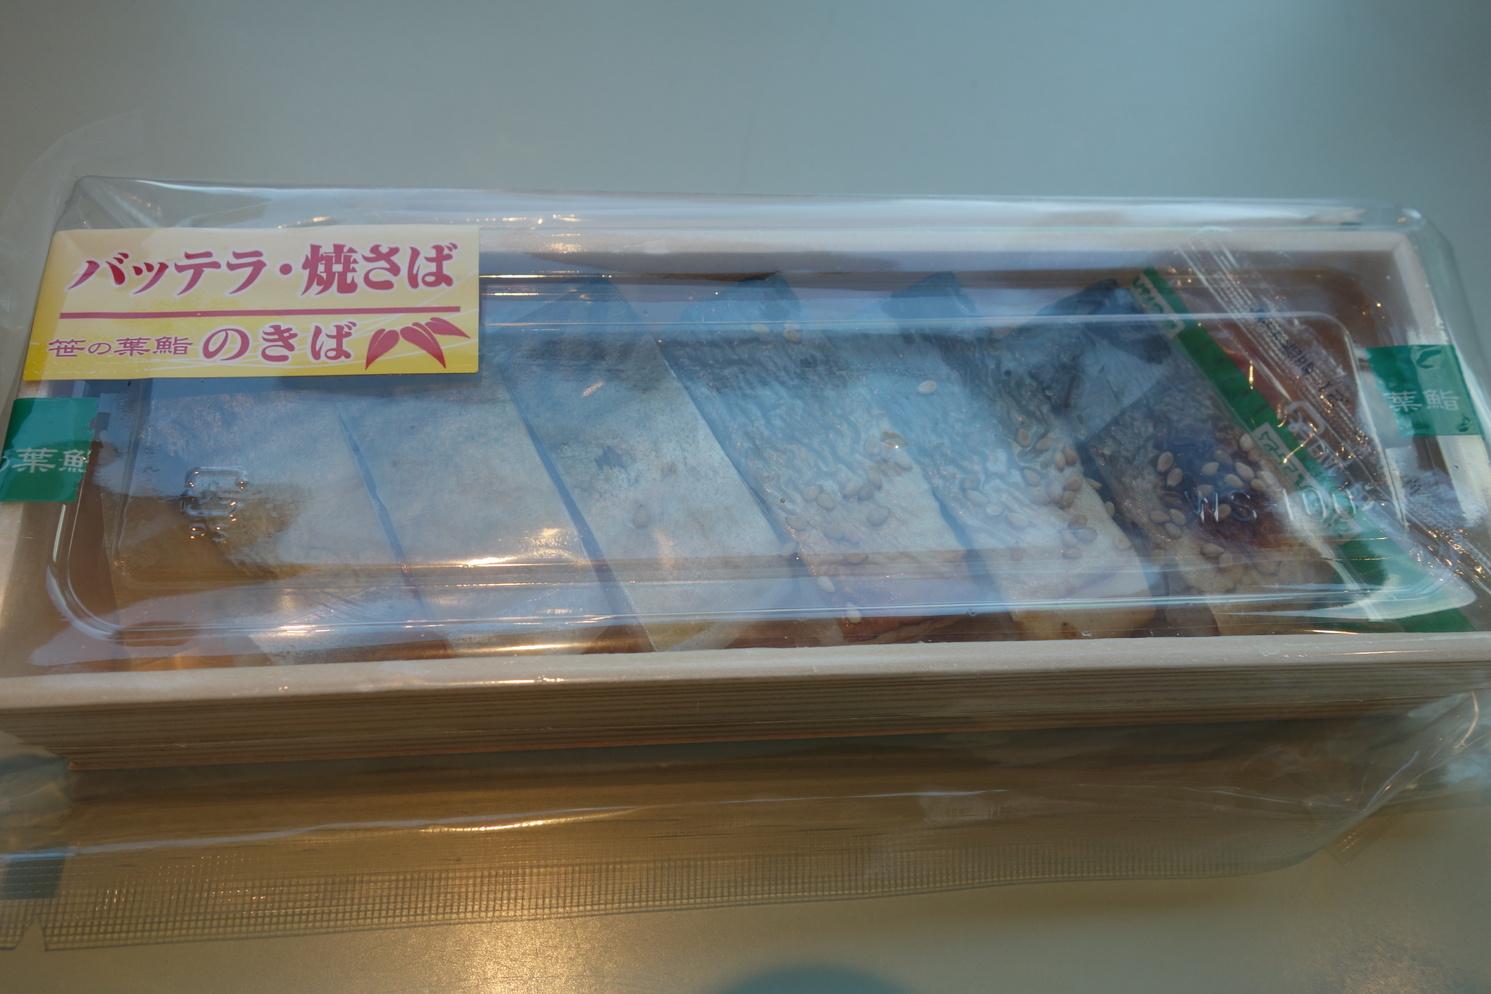 笹の葉鮨 軒端・海幸 アミュプラザ鹿児島店